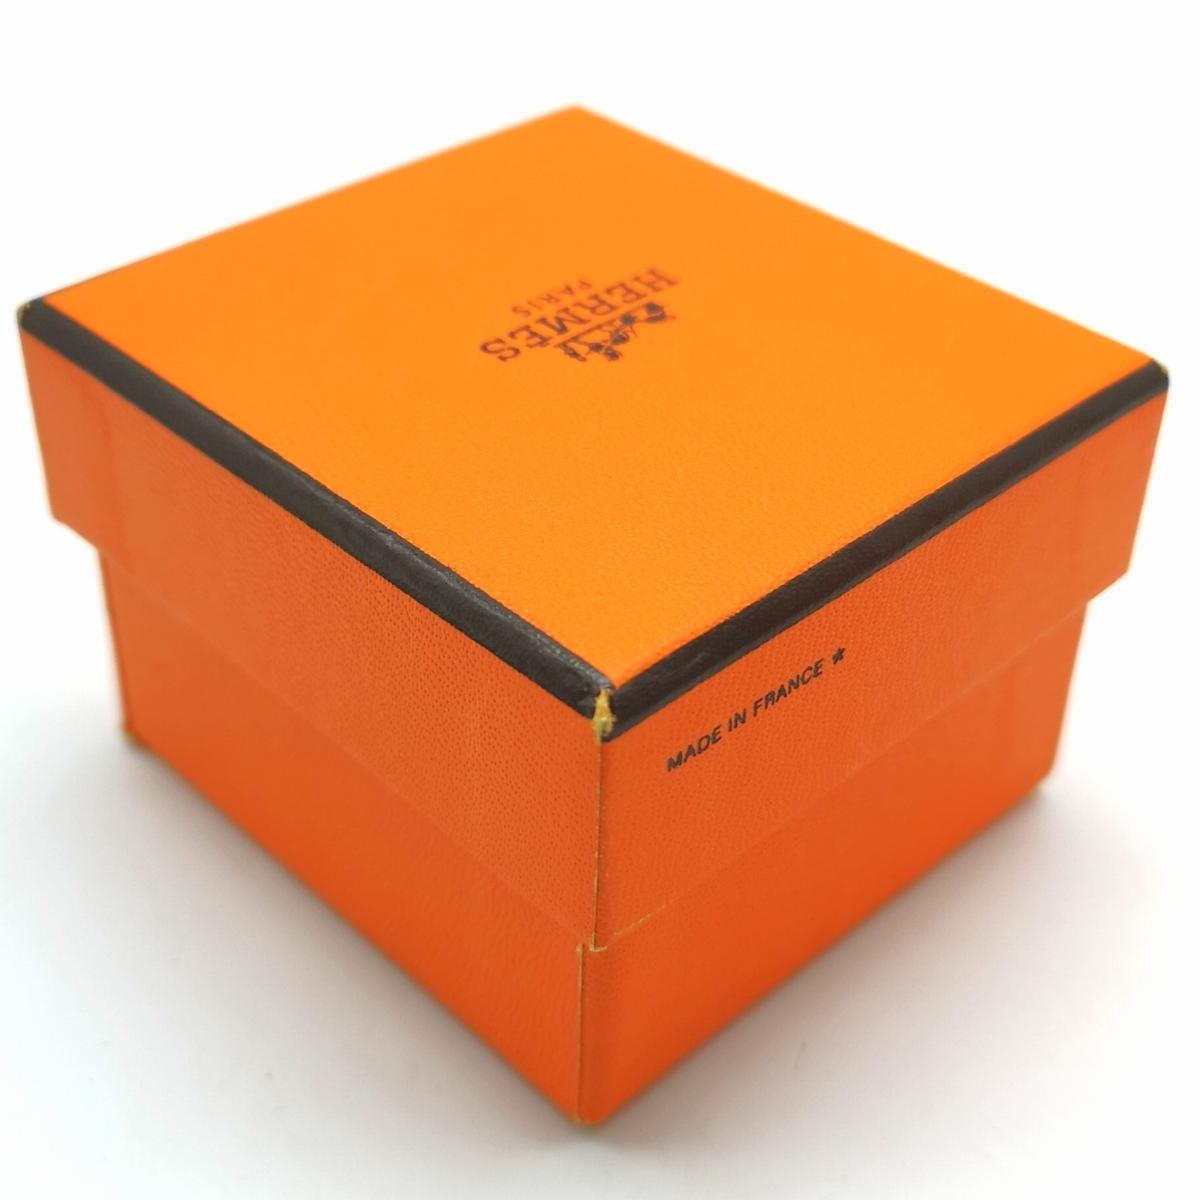 ◆HERMES ヒストリーリング◆ 箱付き/サイズ: 53/SV925×K18YG/Hロゴ/エルメス/レディース/アクセサリー/ジュエリー/ブランド品/DH0_画像10